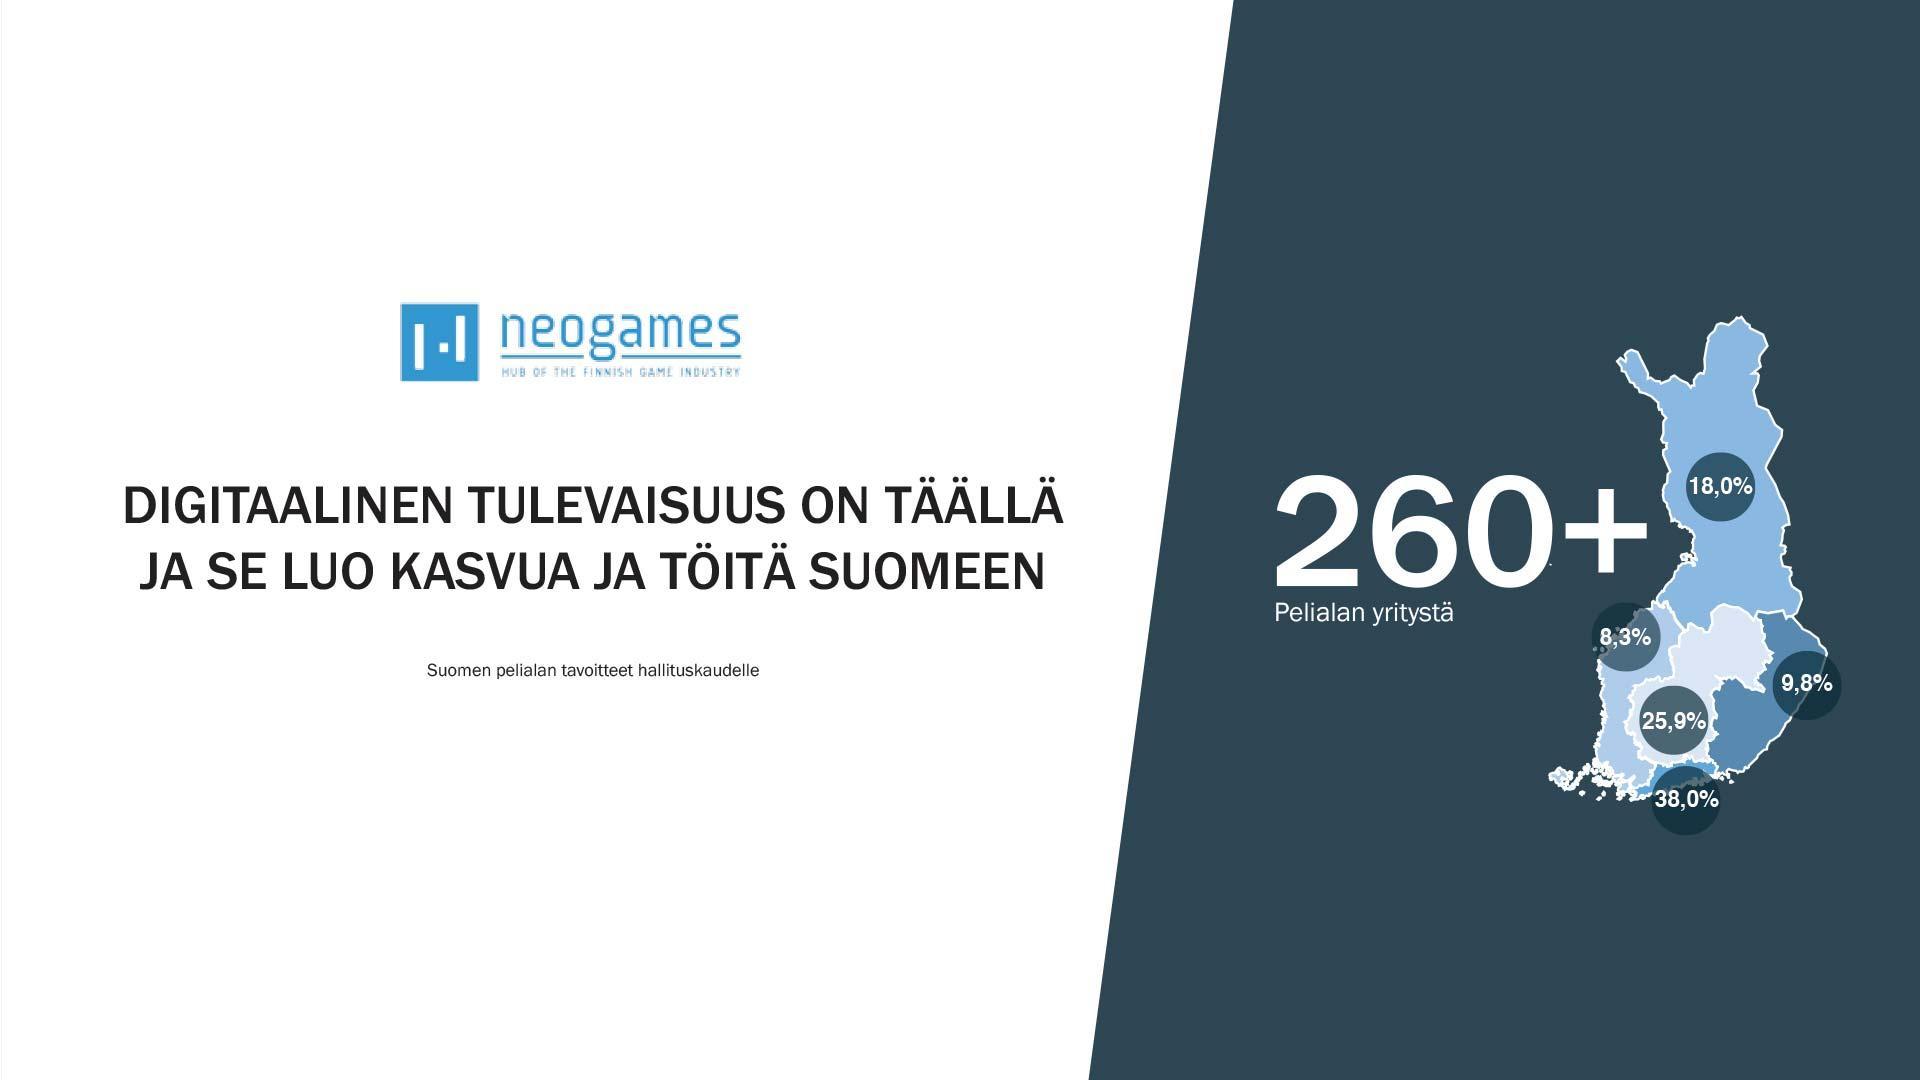 2014 Suomen pelialan tavoitteet on julkaistu